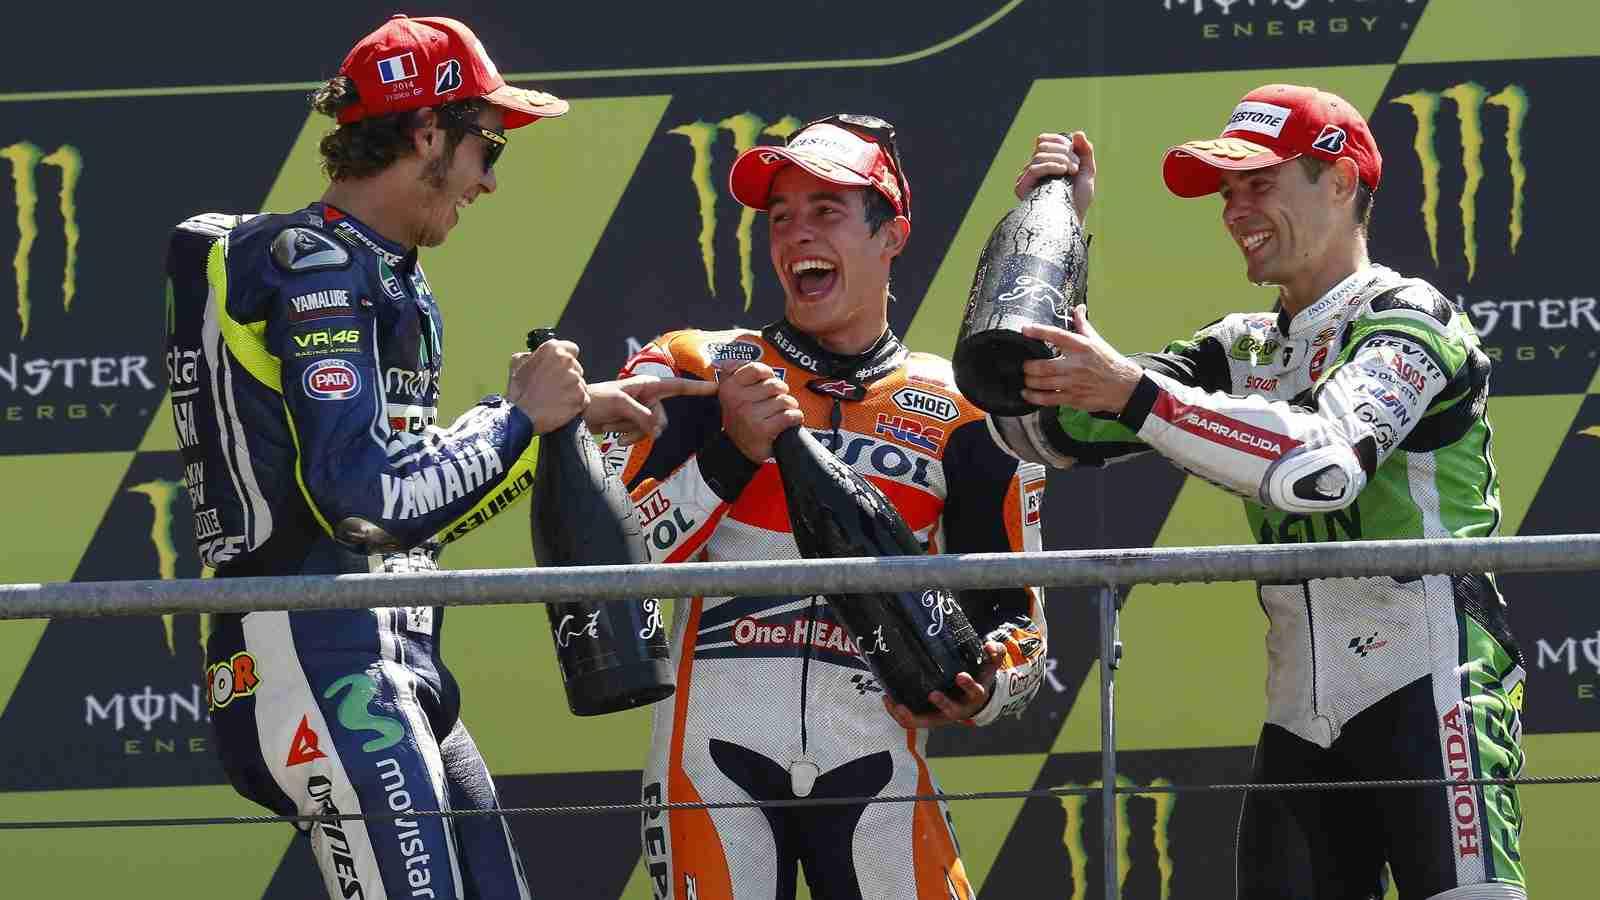 motogp-2014-le-mans-podium-finishers